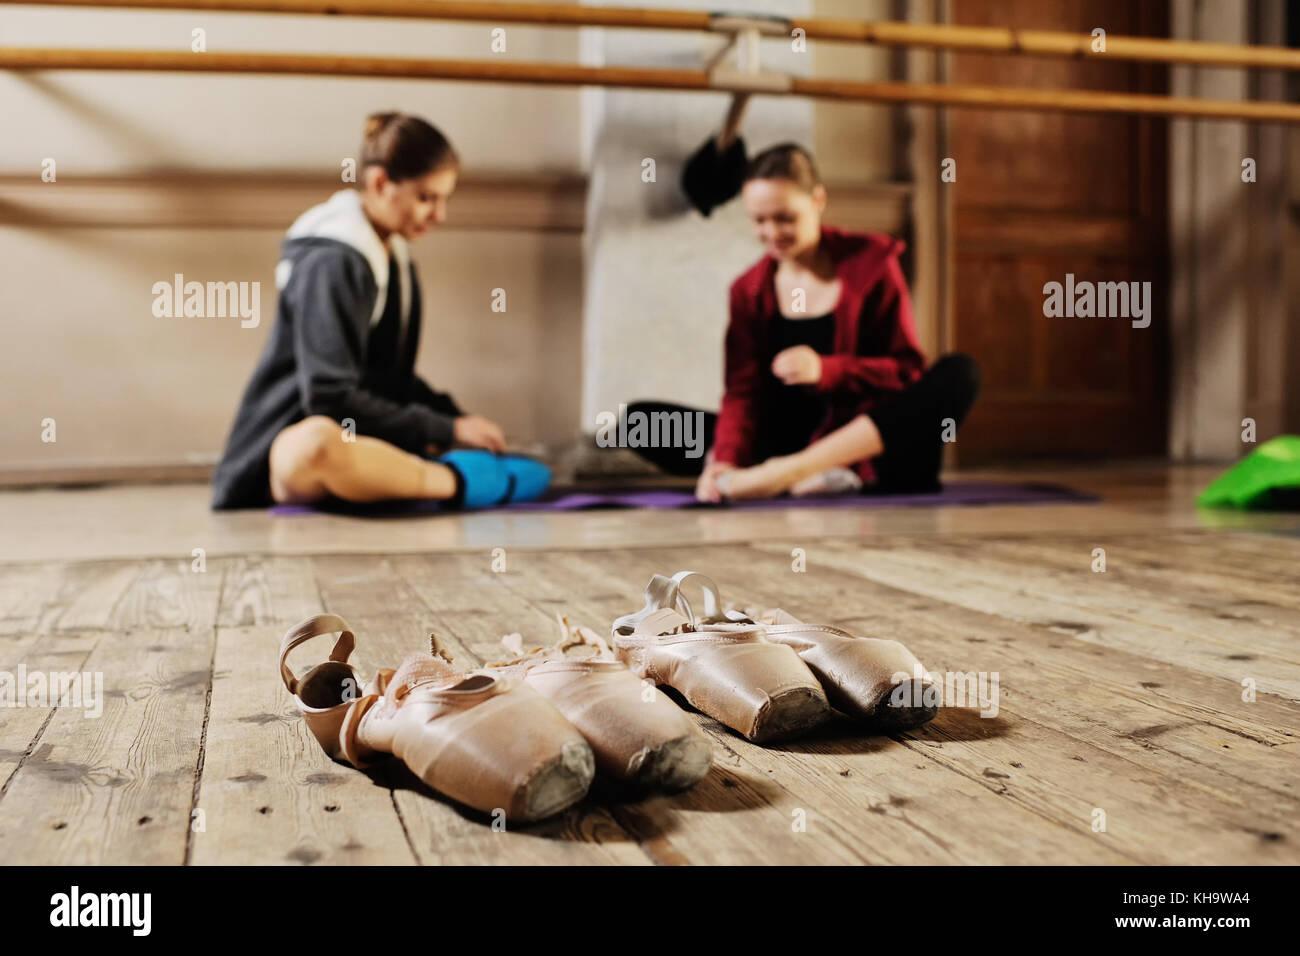 Bailarina en el ensayo o de formación Imagen De Stock